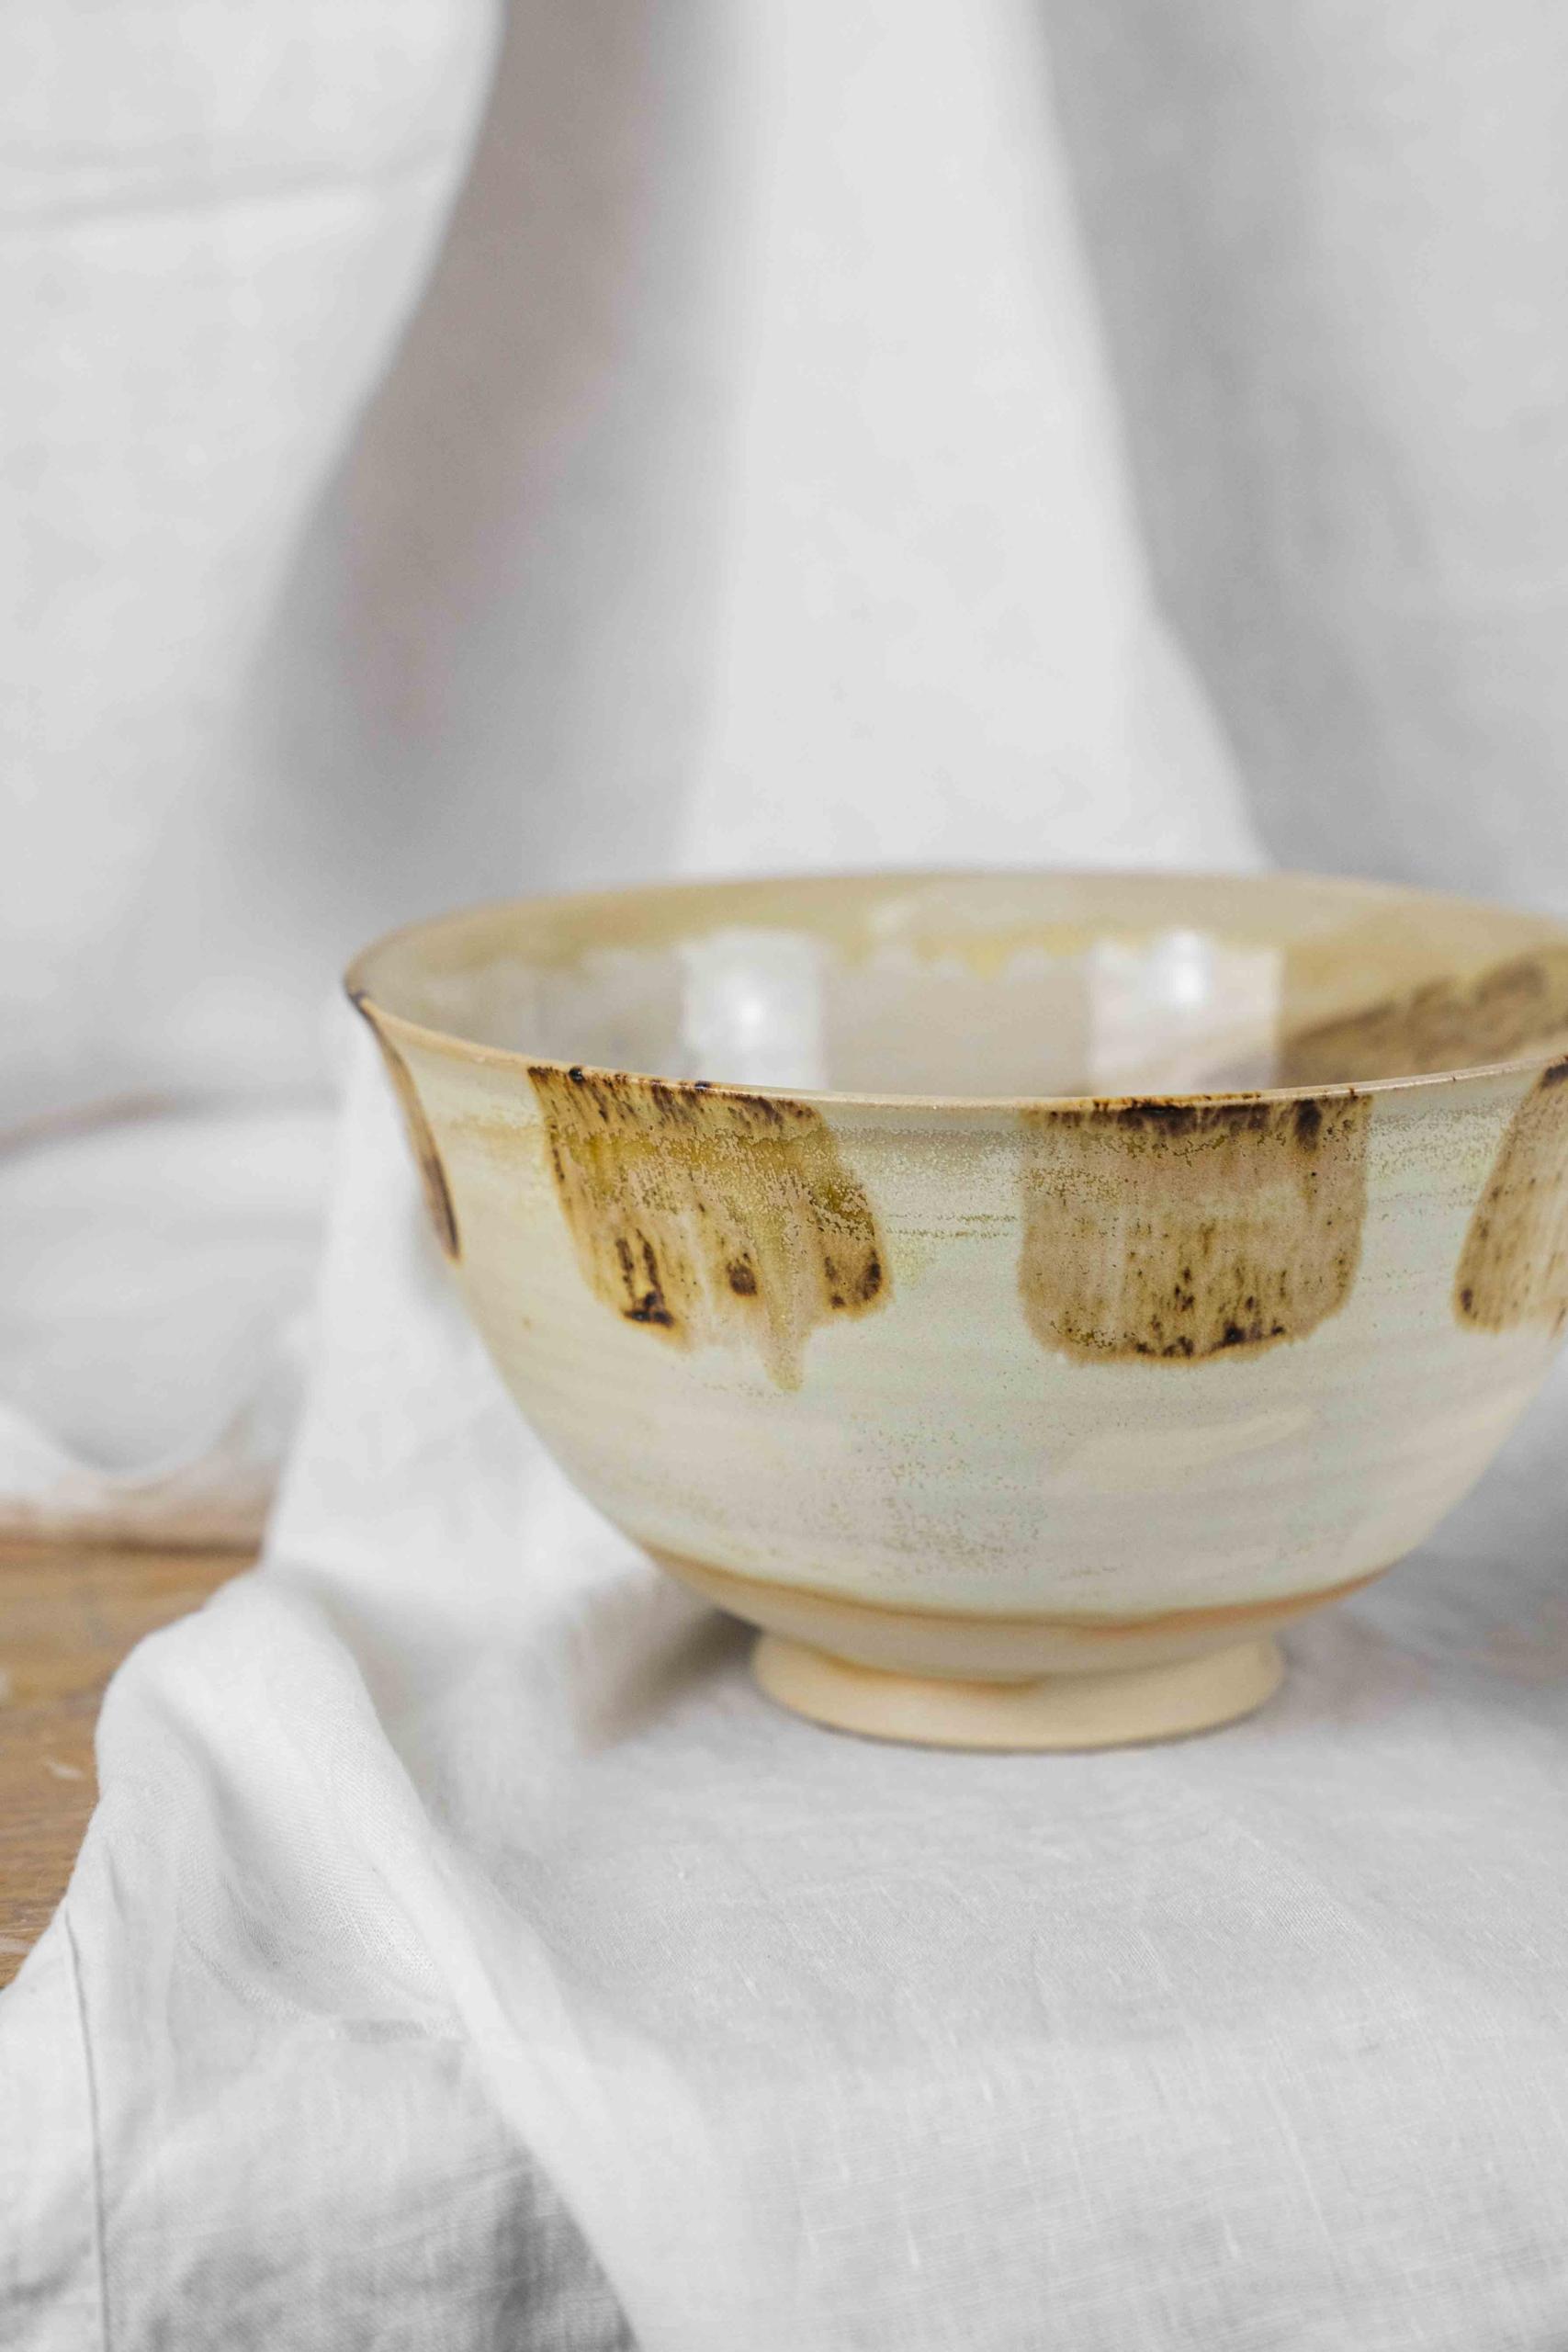 handgemachte steinzeug keramik Suppenschüssel